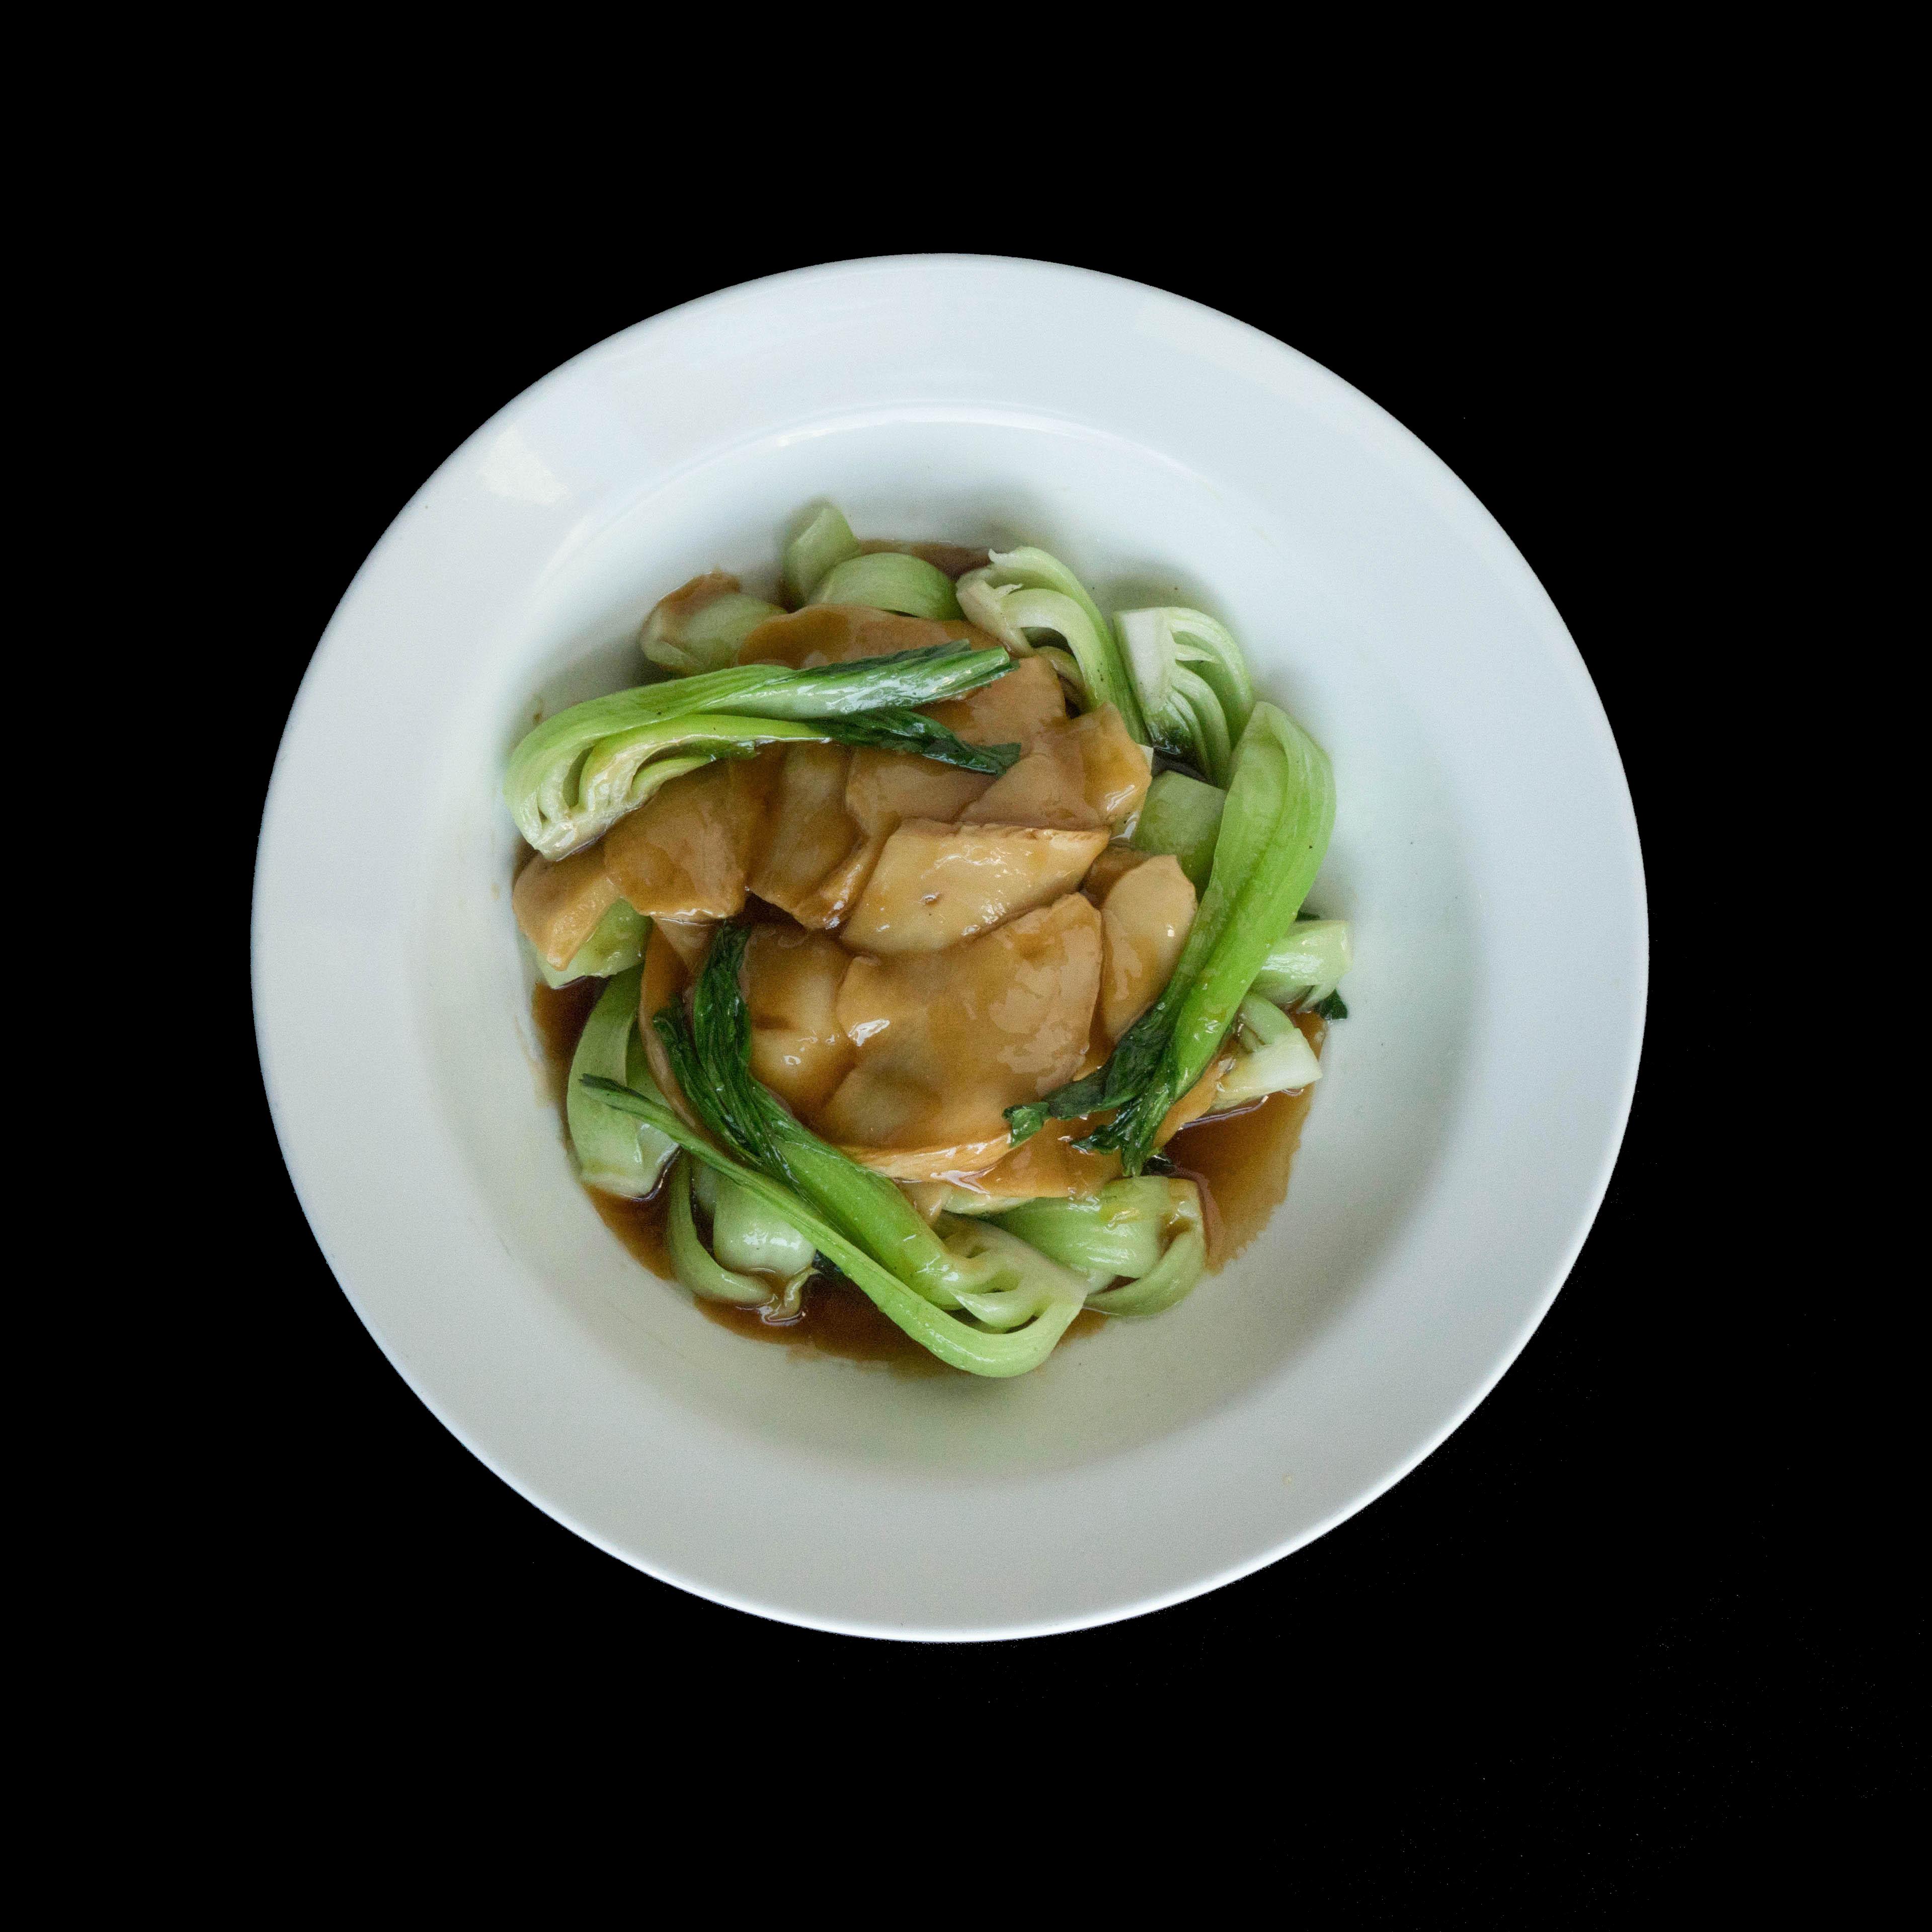 65. 冬菇扒菜胆 Shiitake Mushroom Braised Bok Choy Image